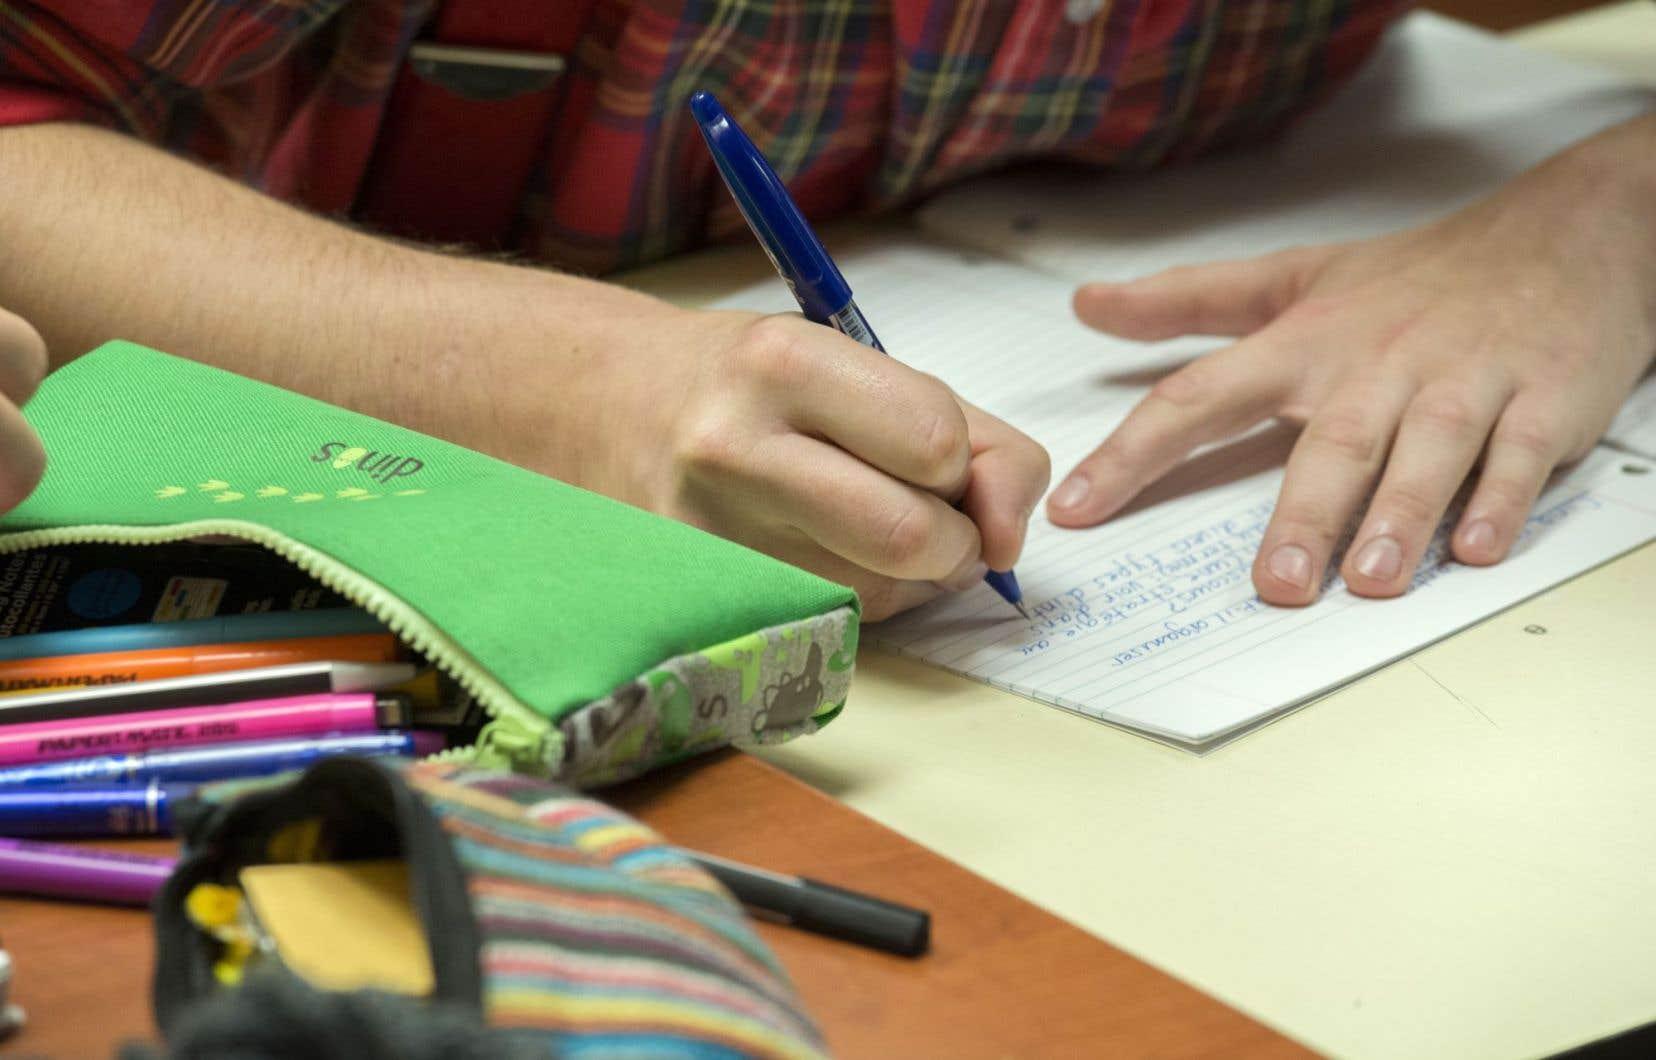 La chercheuse déplore que le dépistage des élèves à risque ne soit pas encore généralisé au Québec.